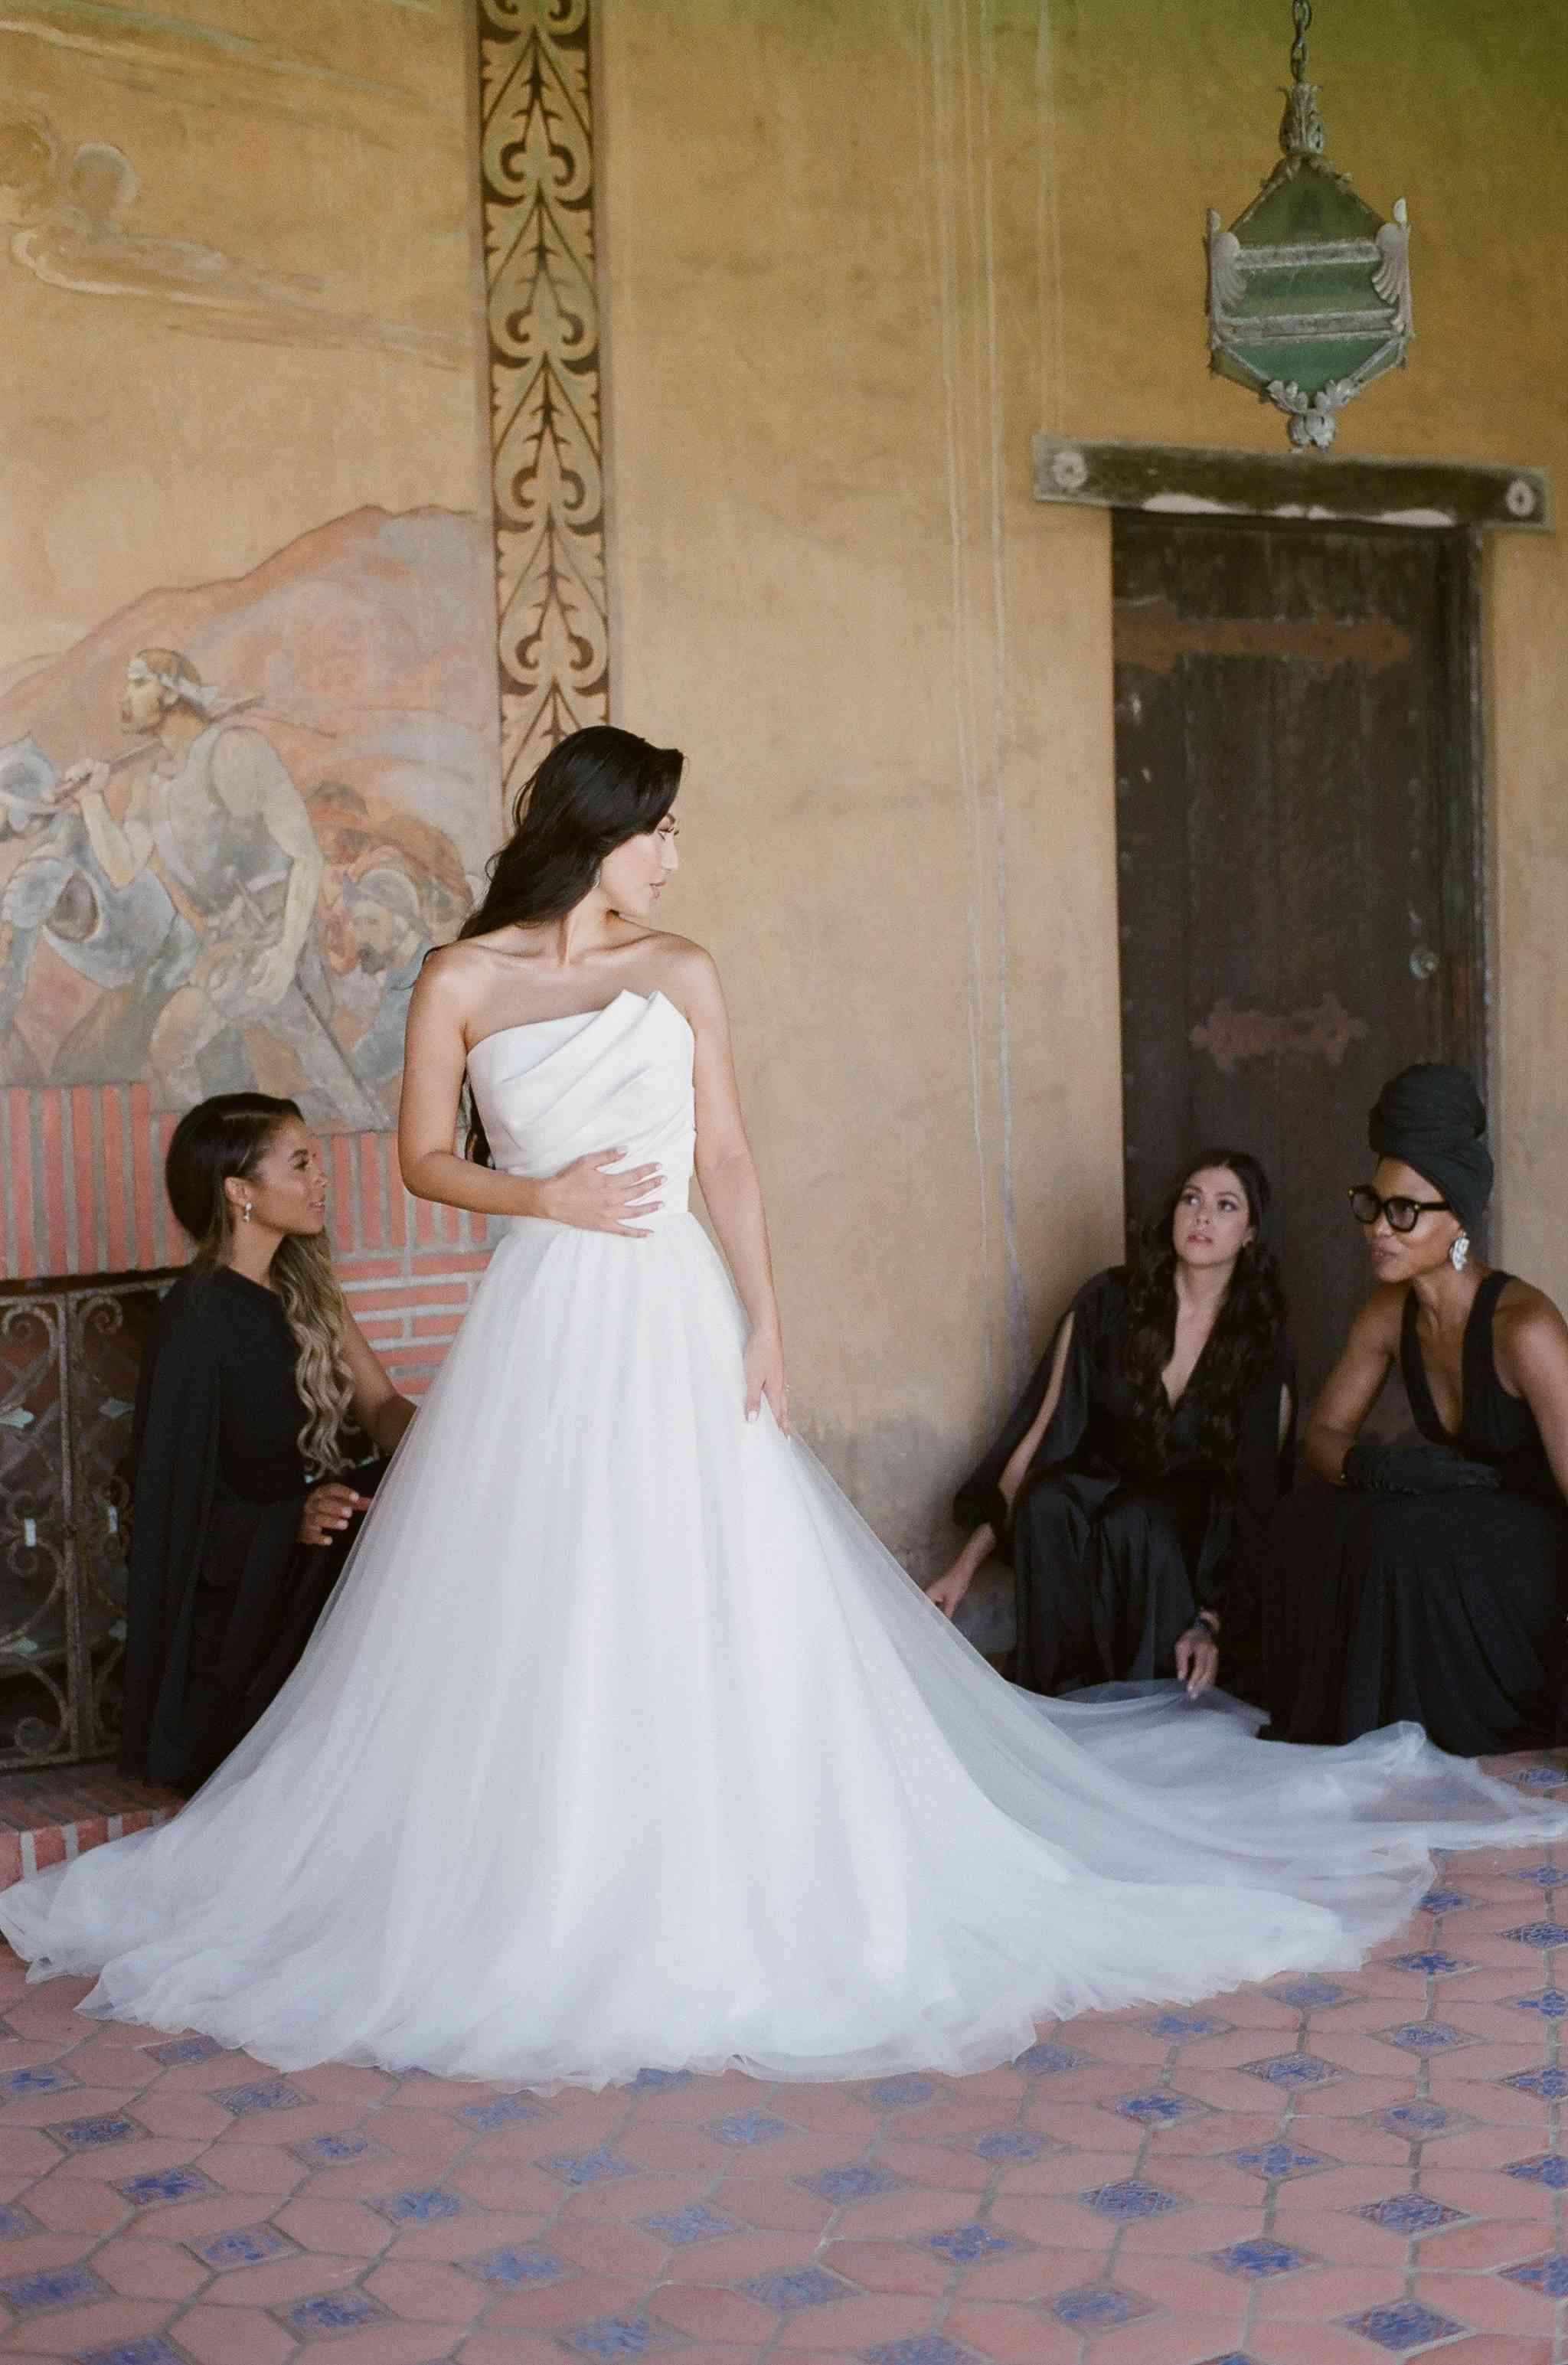 Bridesmaids helping bride get ready